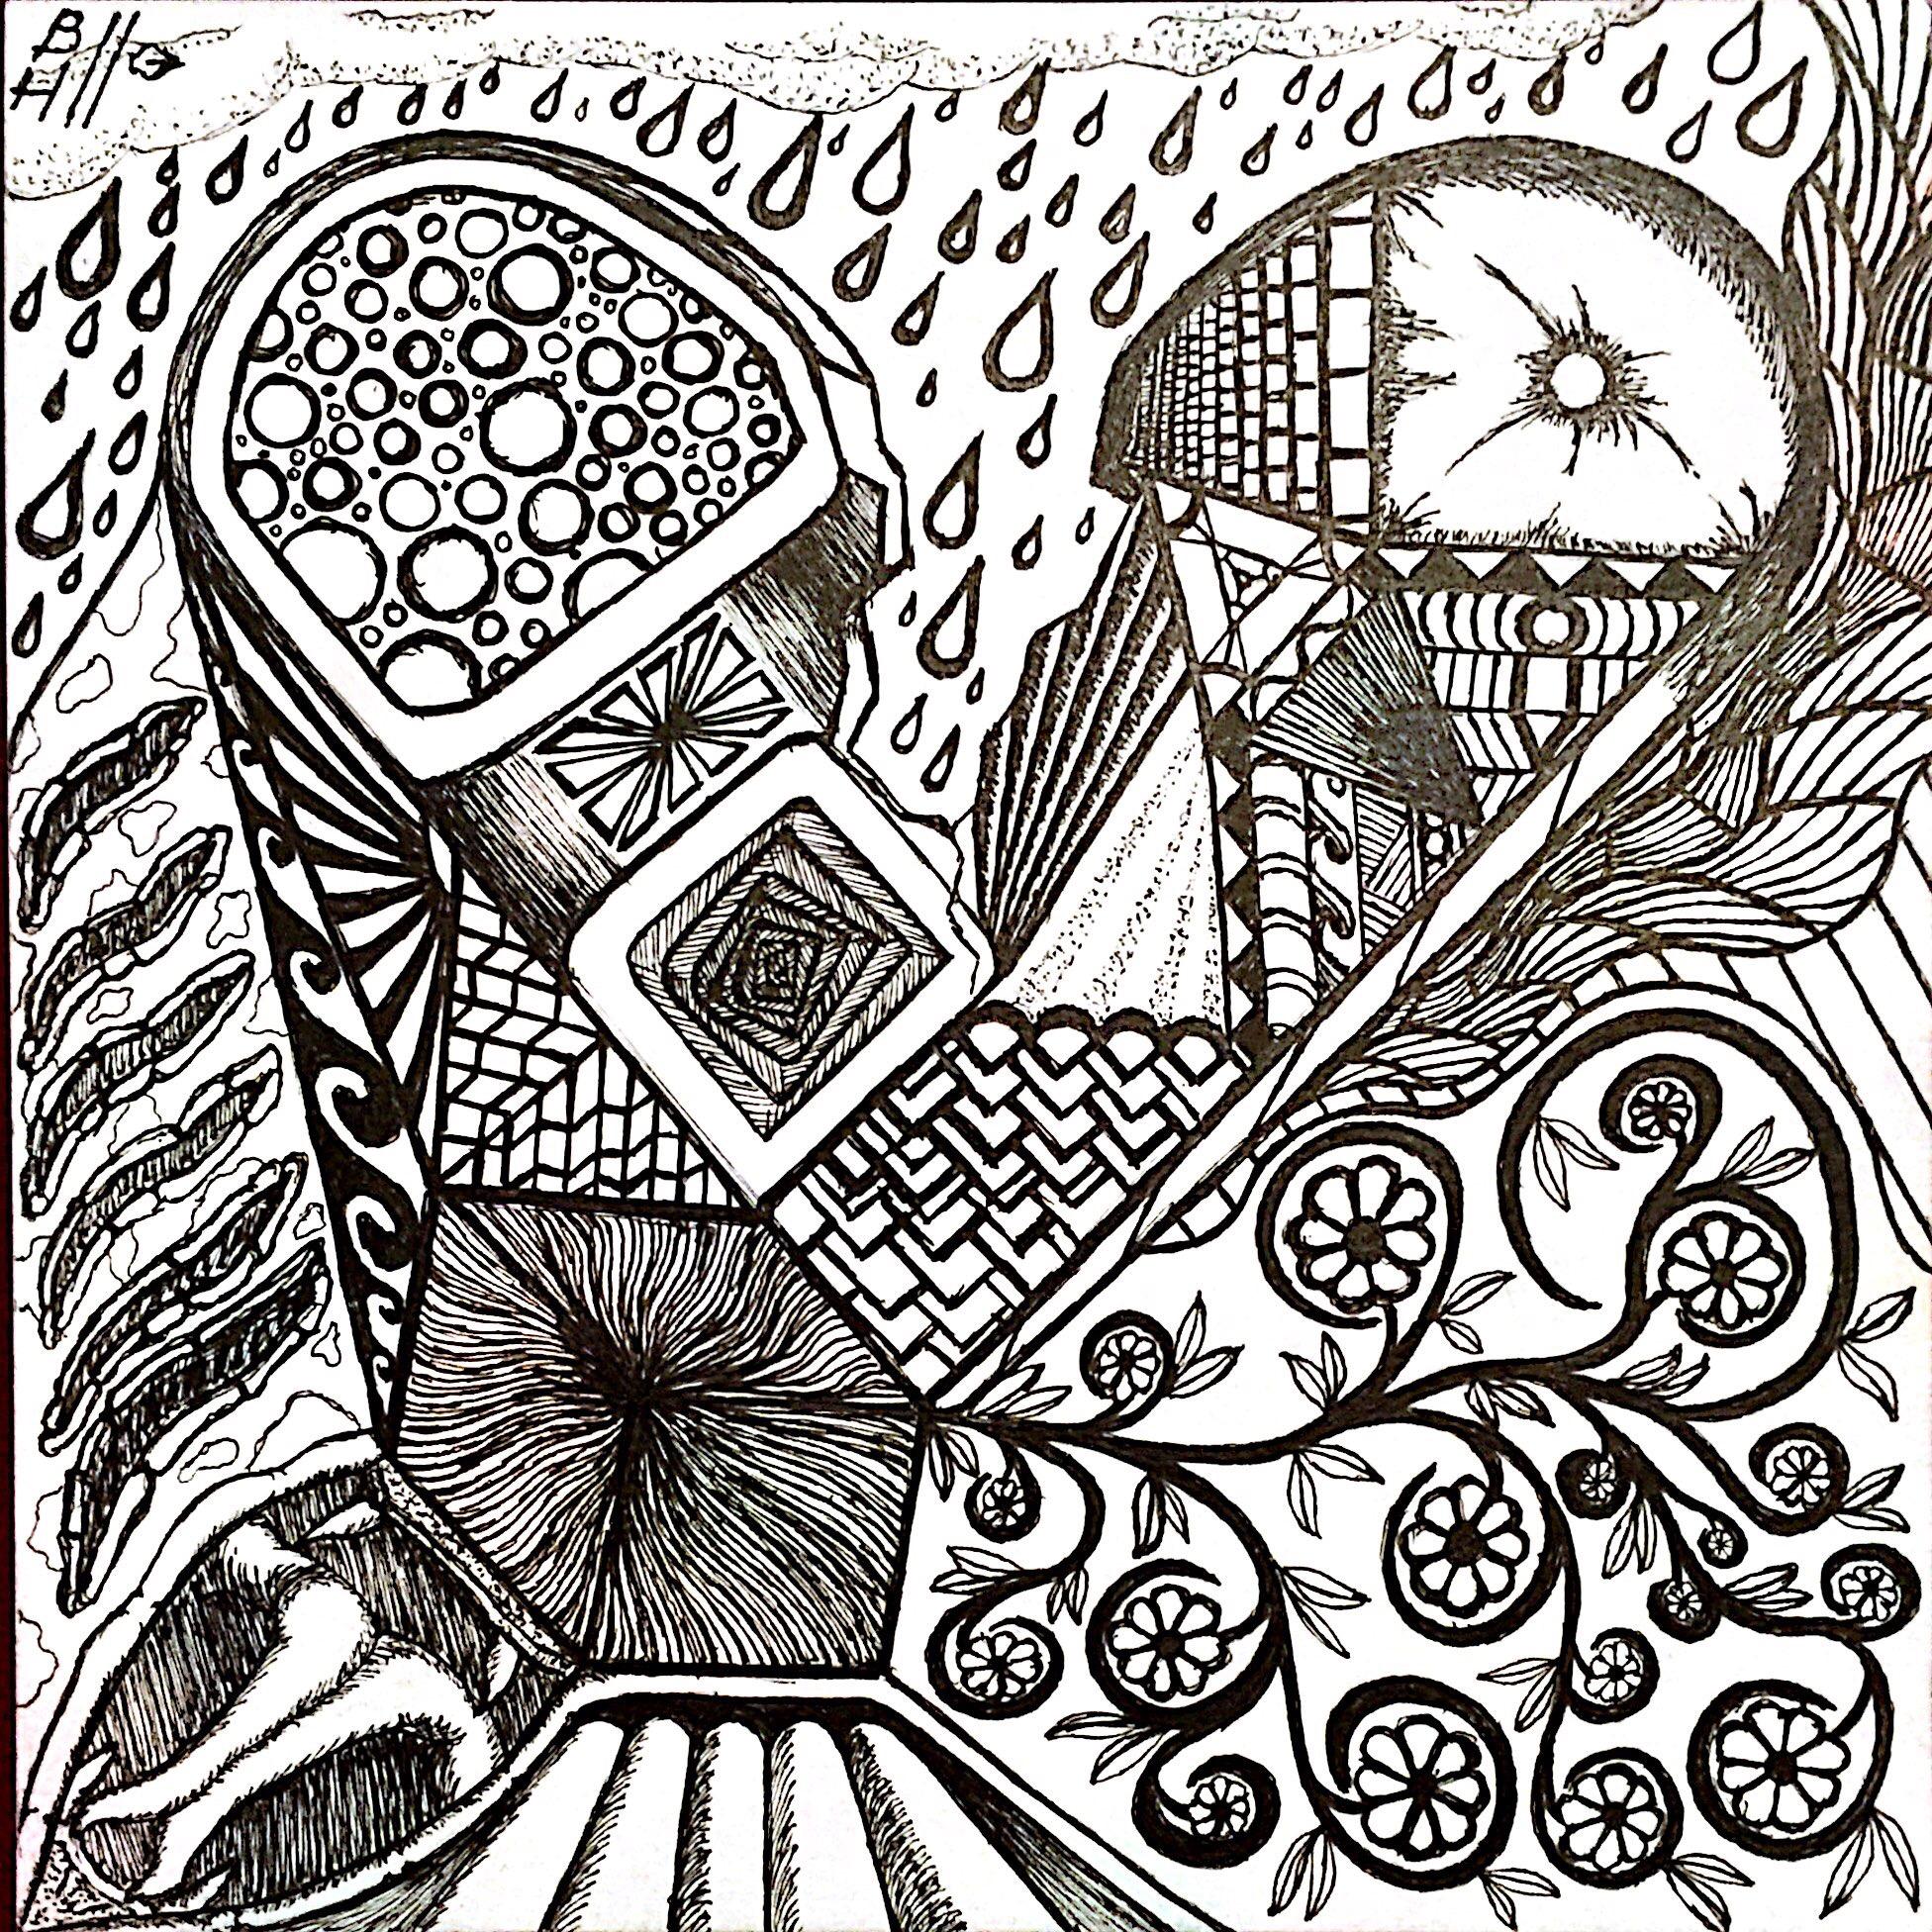 Heart Asunder. Micron pens on Strathmore 300 Series Bristol Artist Tiles. 6